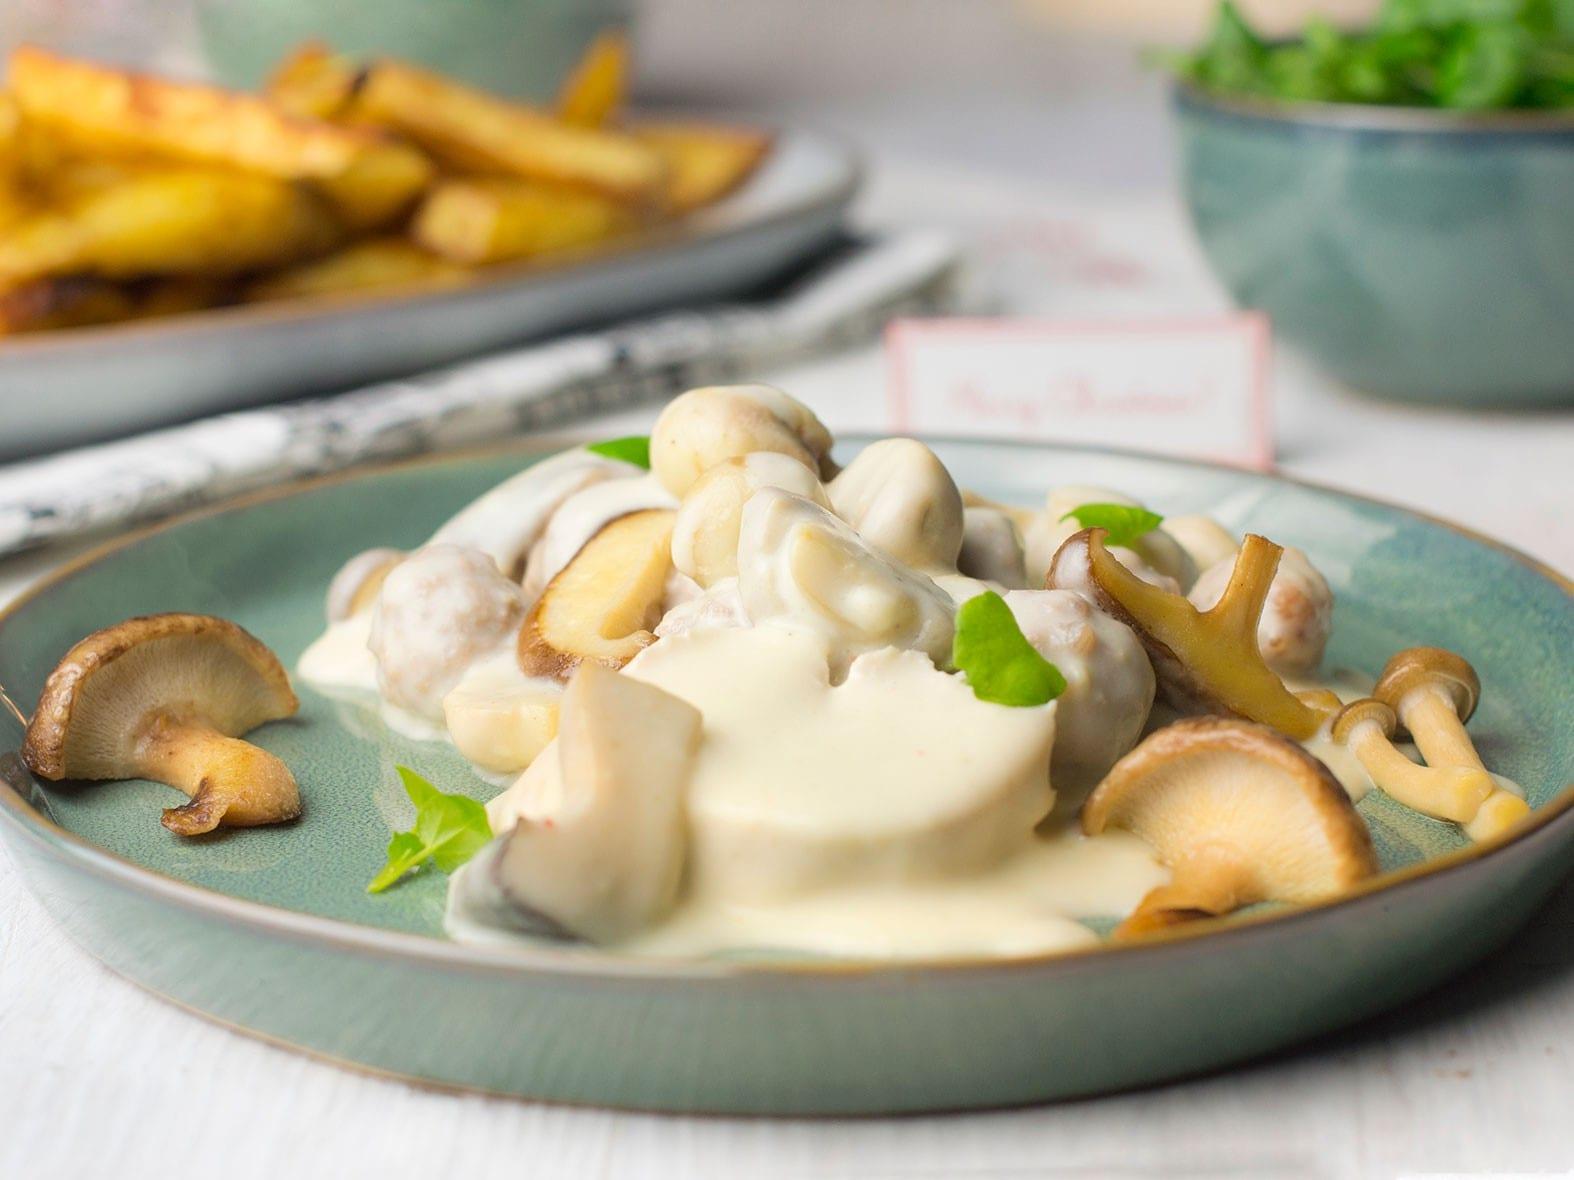 Vol-au-vent, salade et frites au four